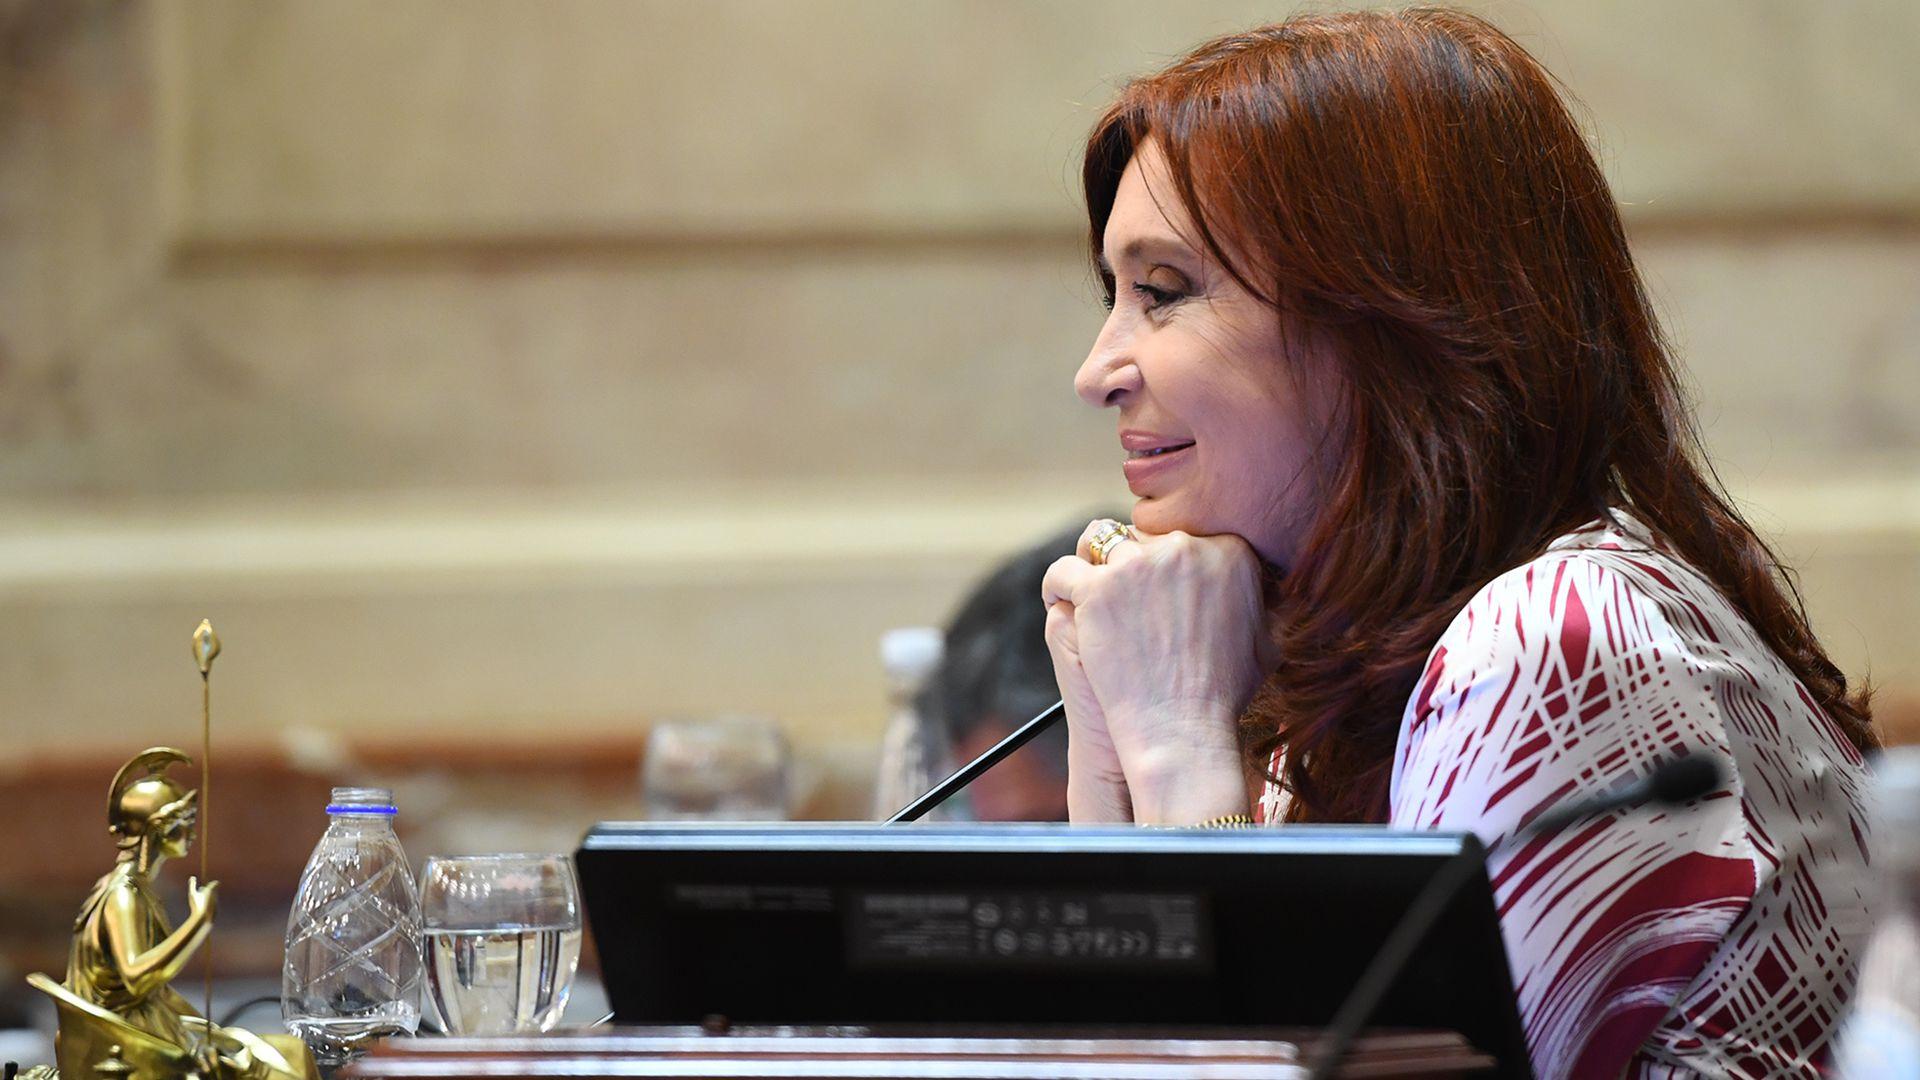 Cristina Kirchner celebró en las redes sociales el fallo de la Corte (Fotografia Senado de la Nación)